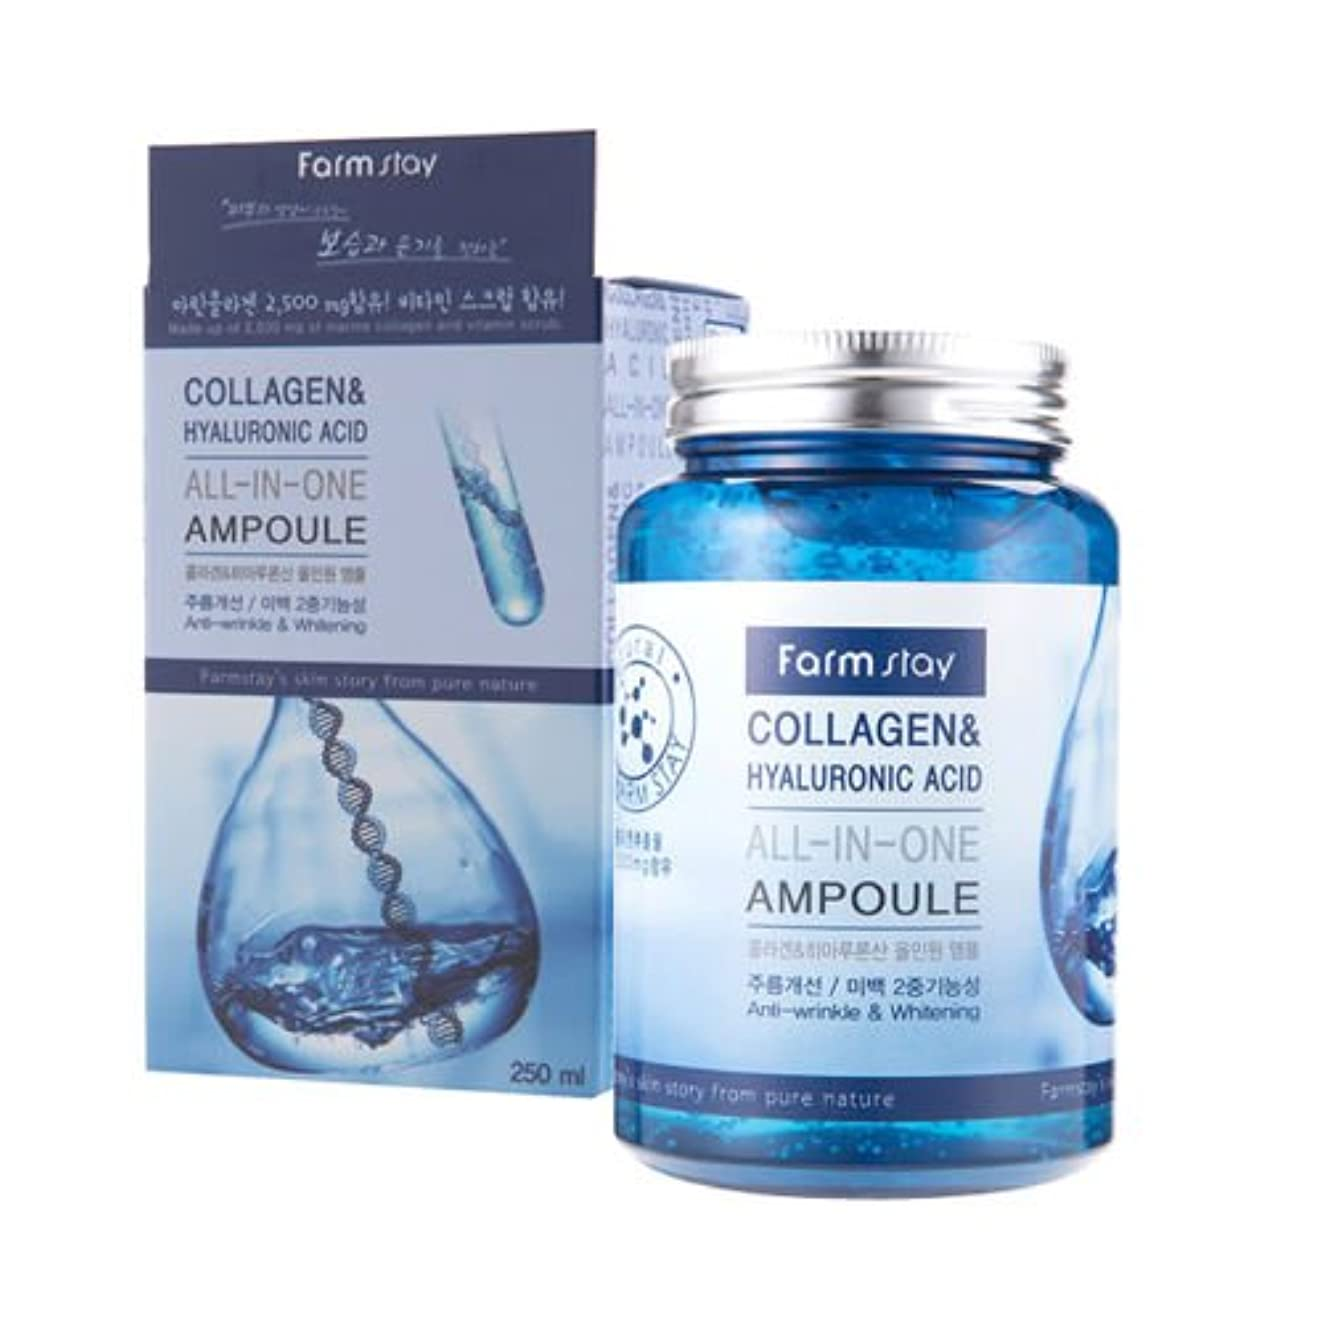 確かな落ち込んでいる比較Farm Stay Collagen & Hyaluronic Acid All In One Ampoule 250ml/Korea Cosmetic [並行輸入品]